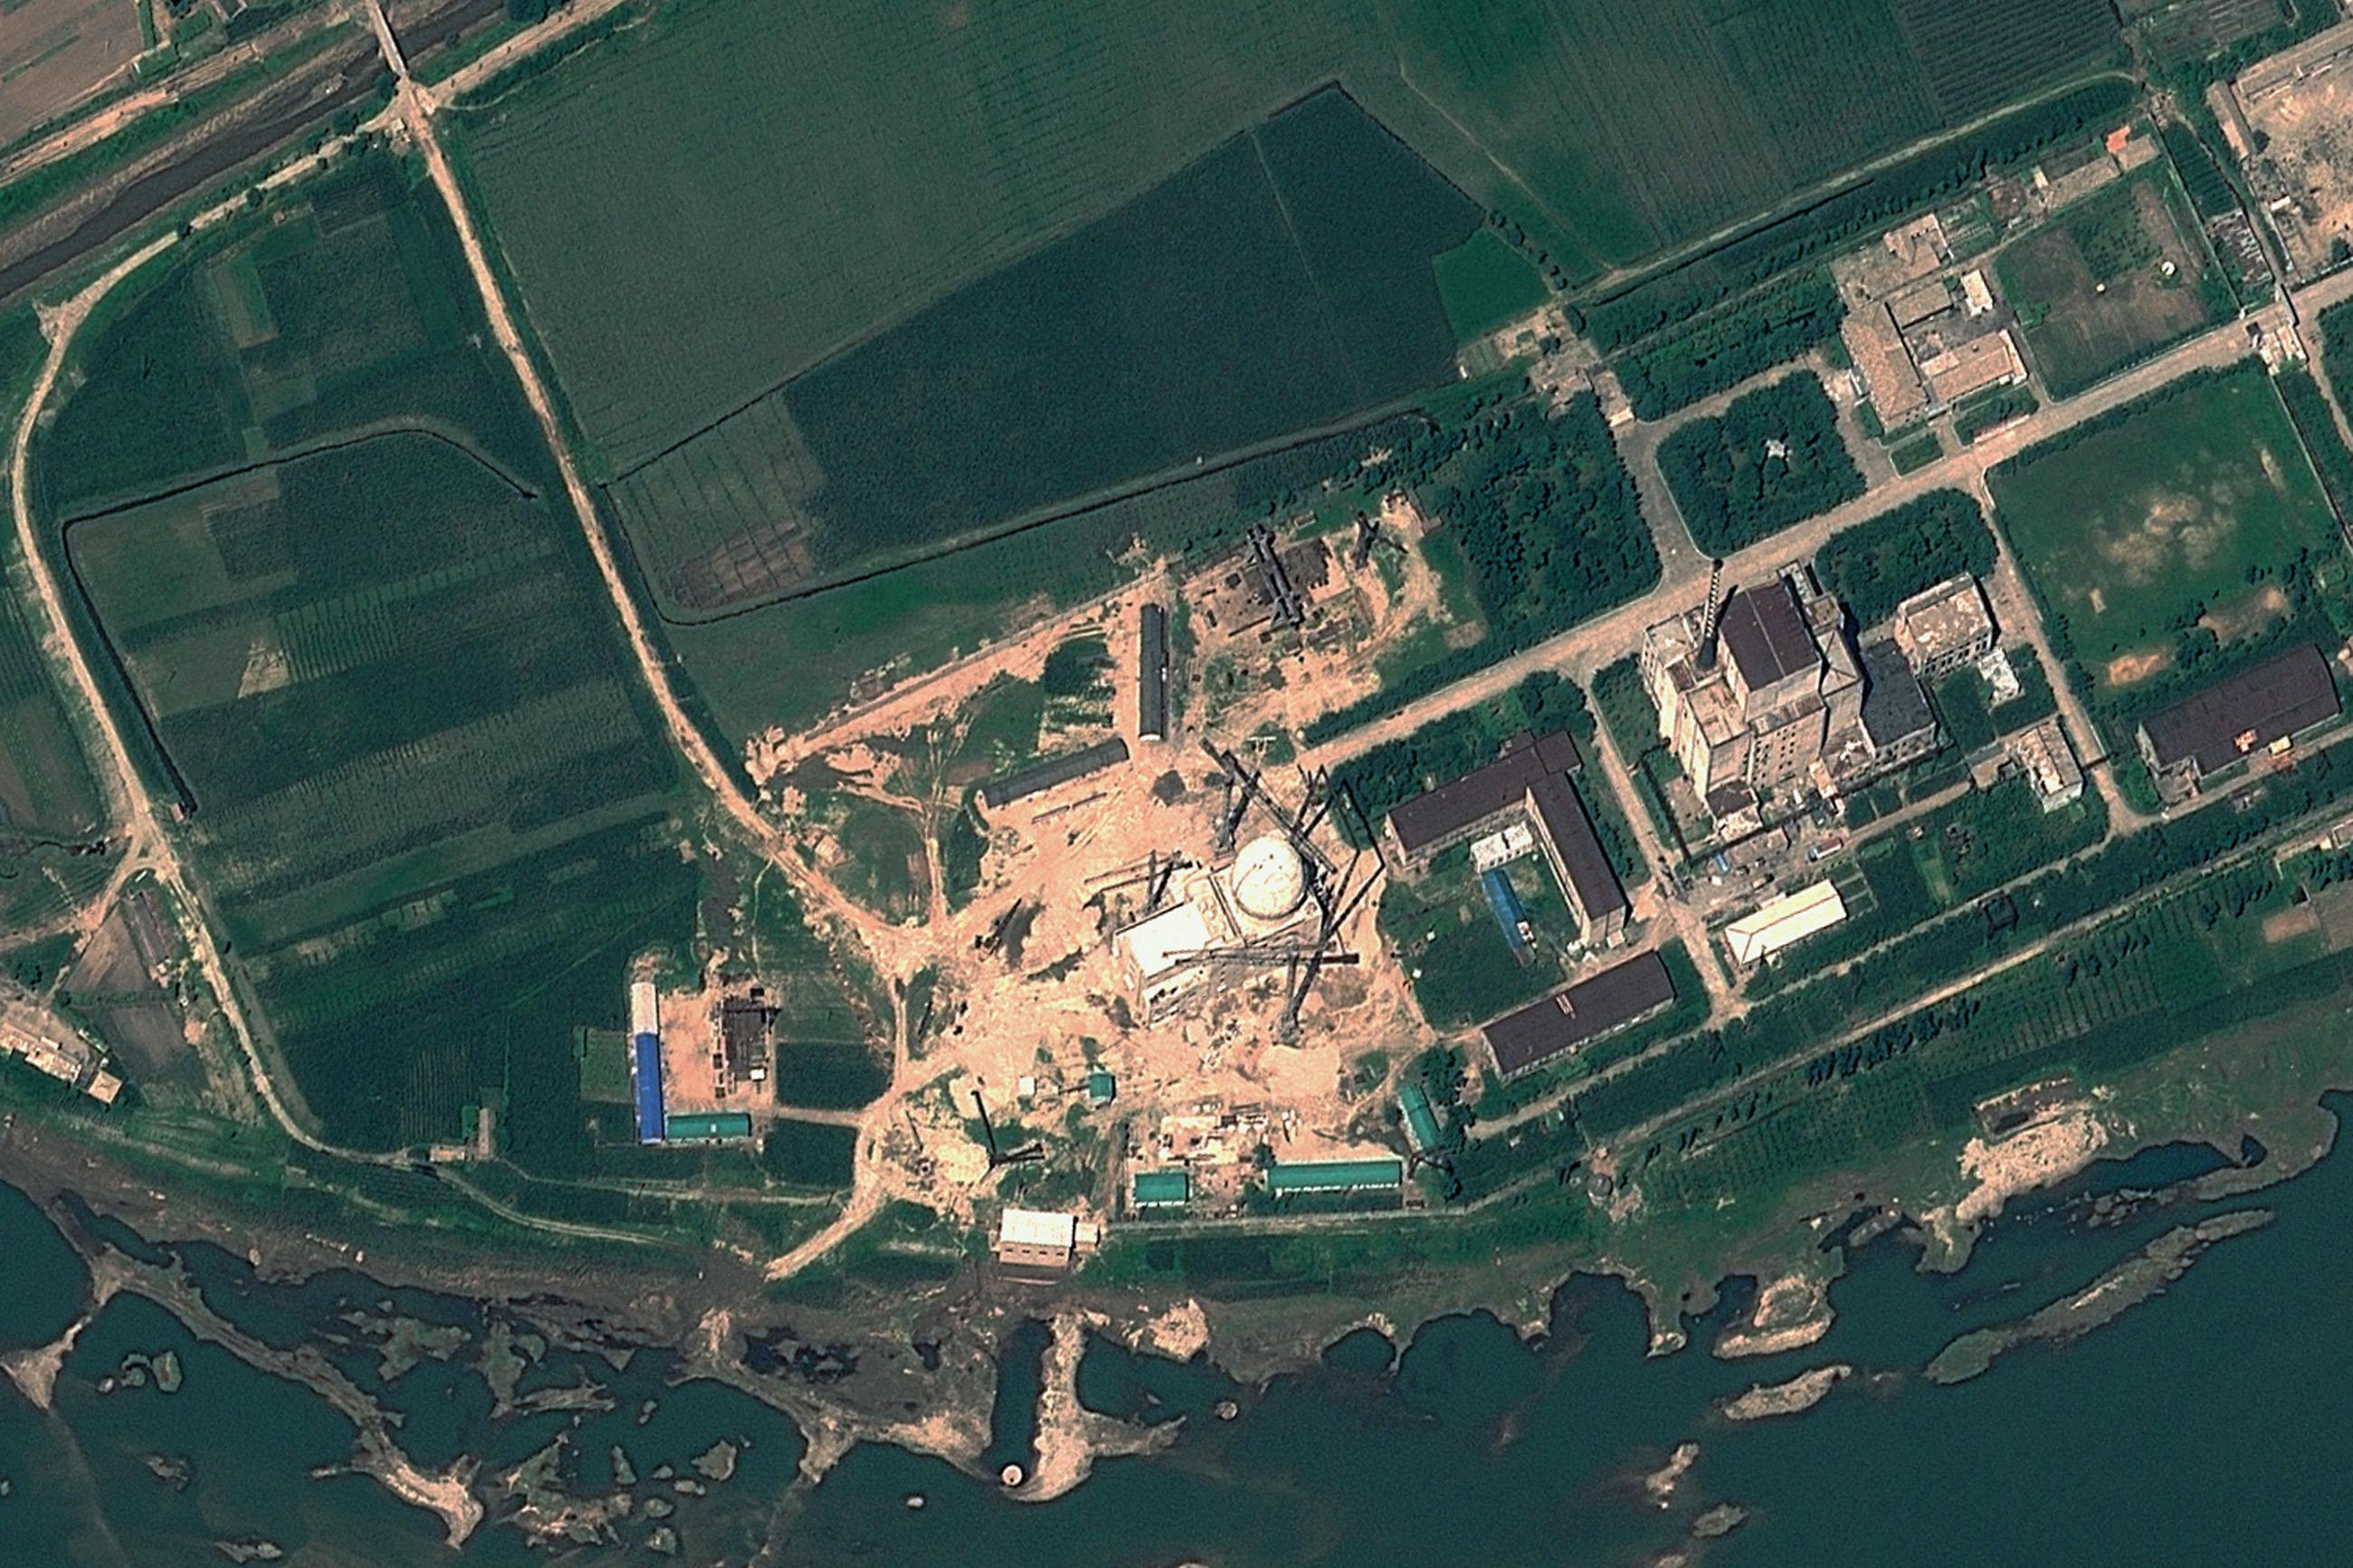 Friss műholdképek szerint Észak-Korea újraindította jongbjoni atomreaktorát